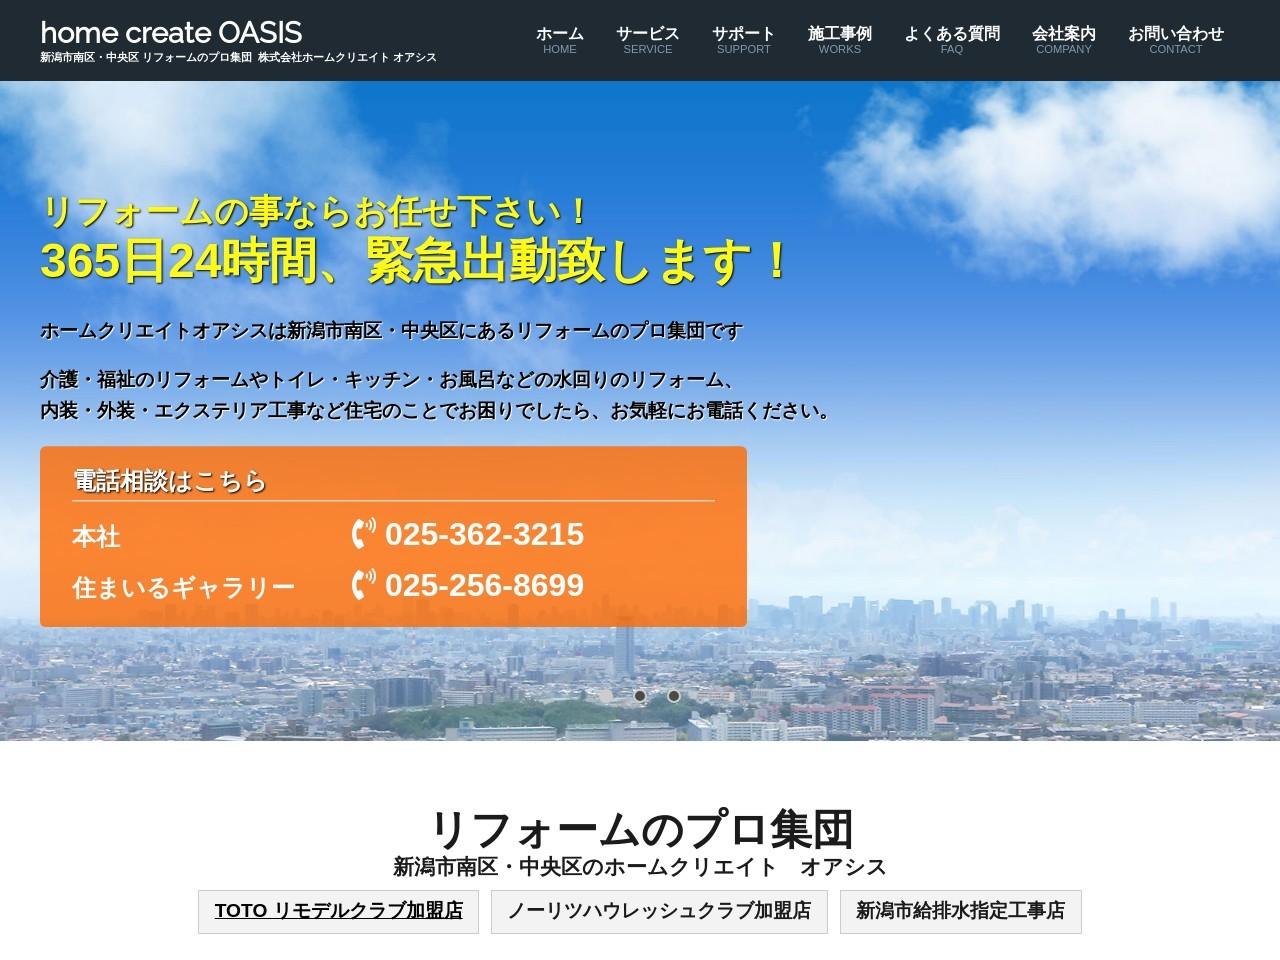 株式会社ホームクリエイトオアシス/本社